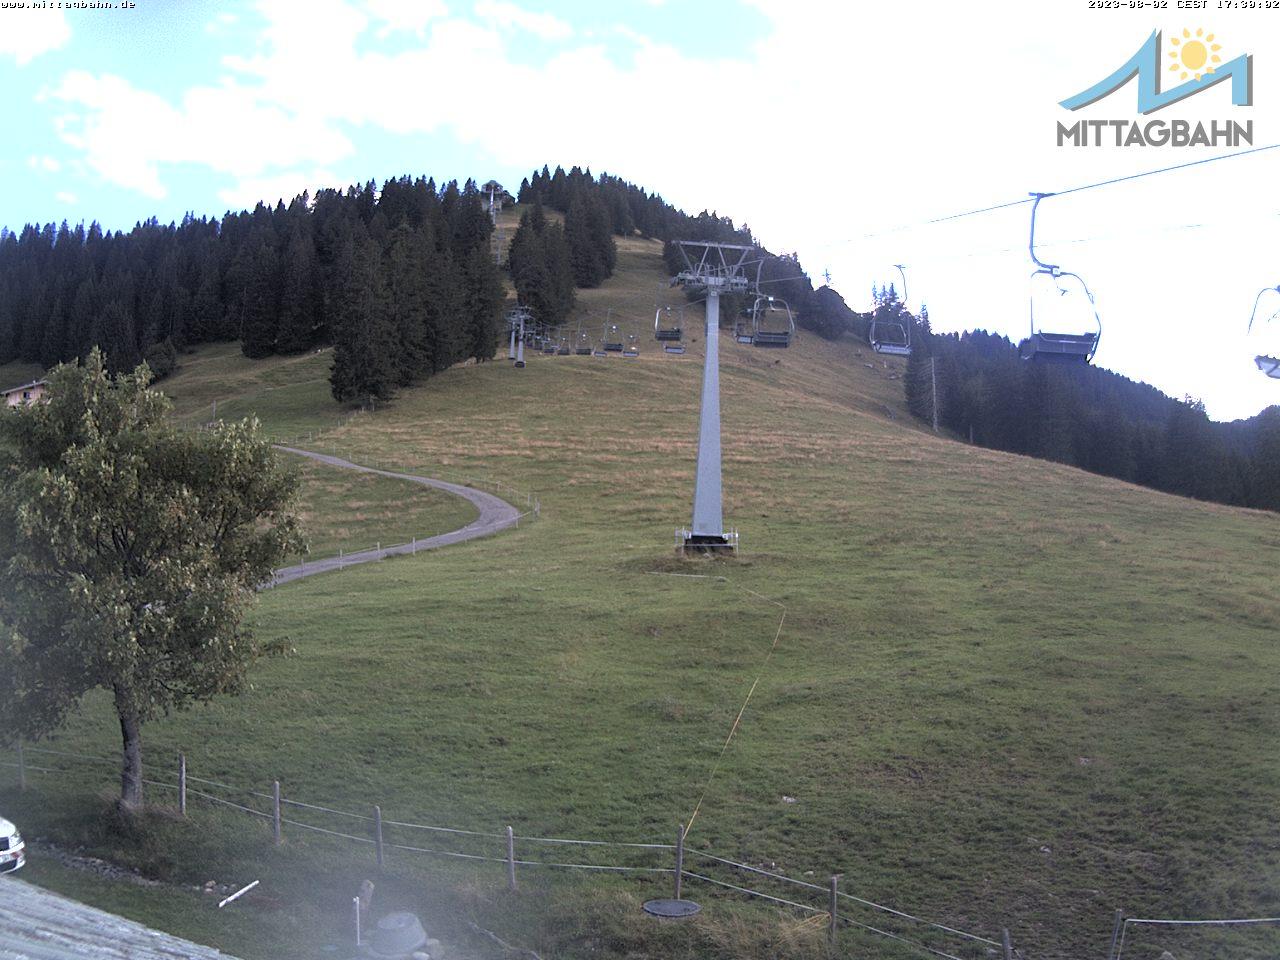 Webcam Skigebied Immenstadt - Mittag cam 5 - Allg�uer Alpen